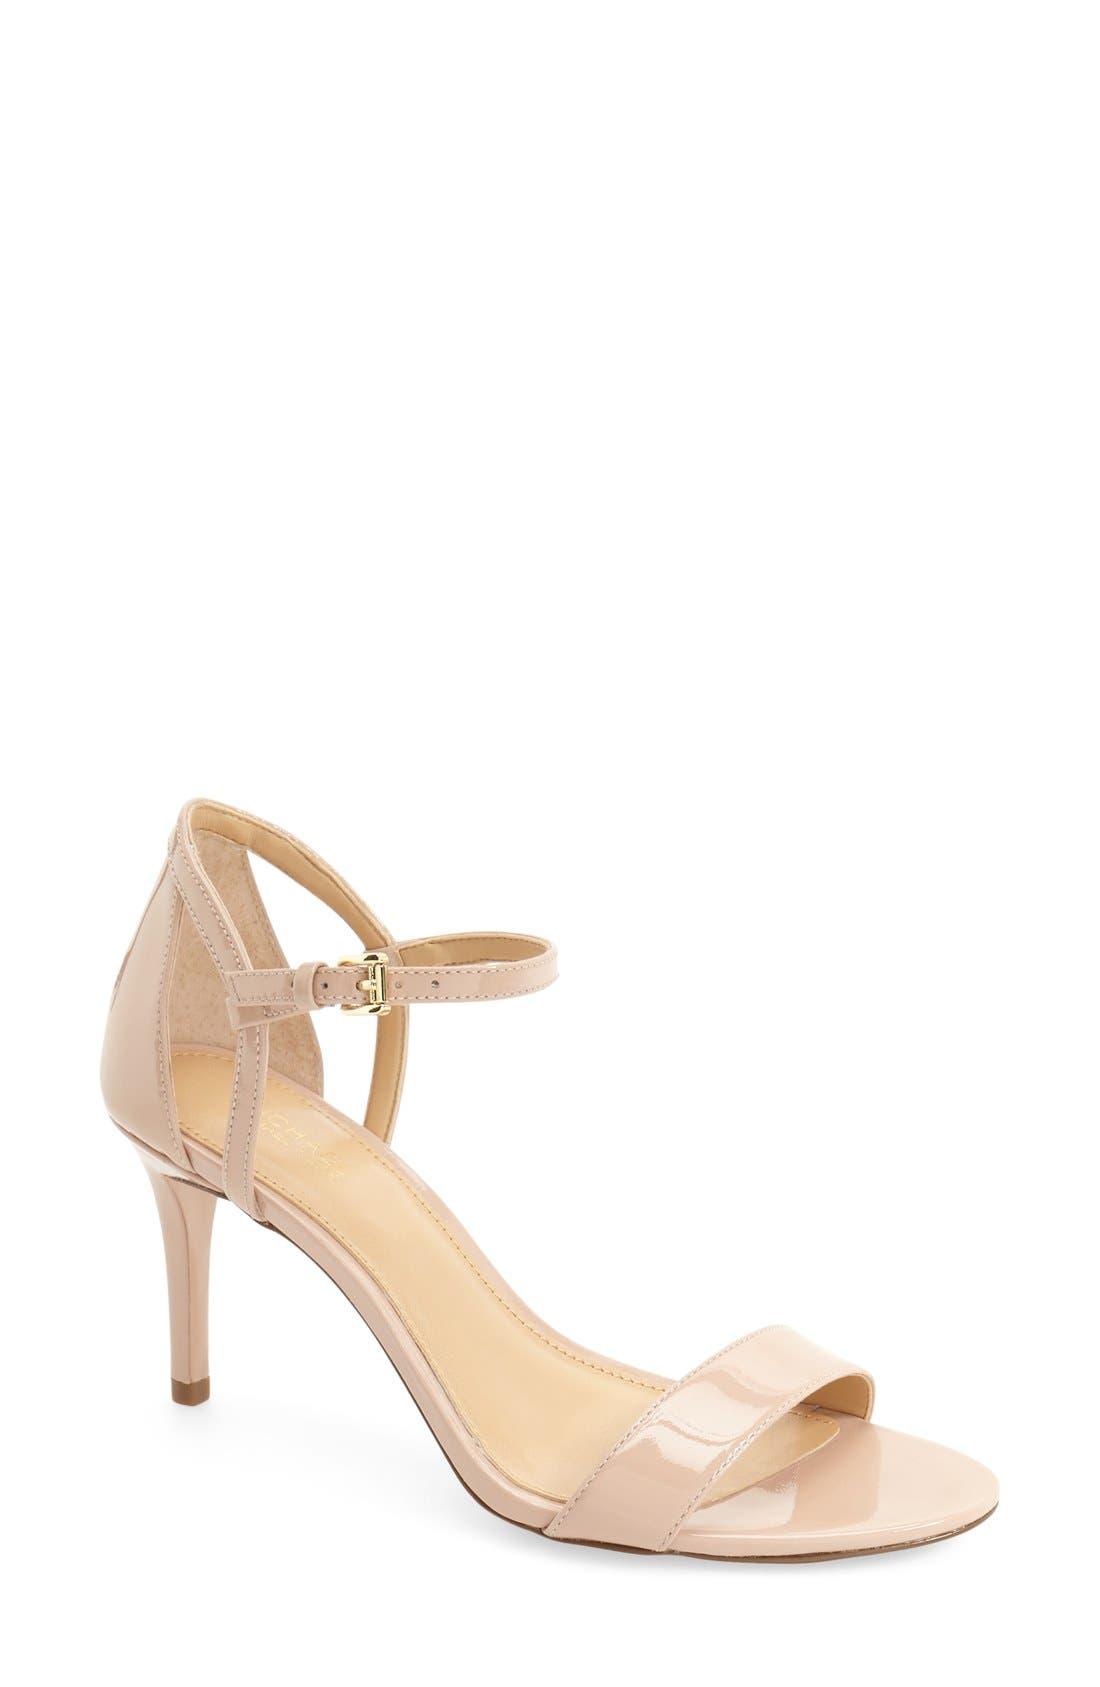 'Simone' Sandal,                         Main,                         color, Light Blush